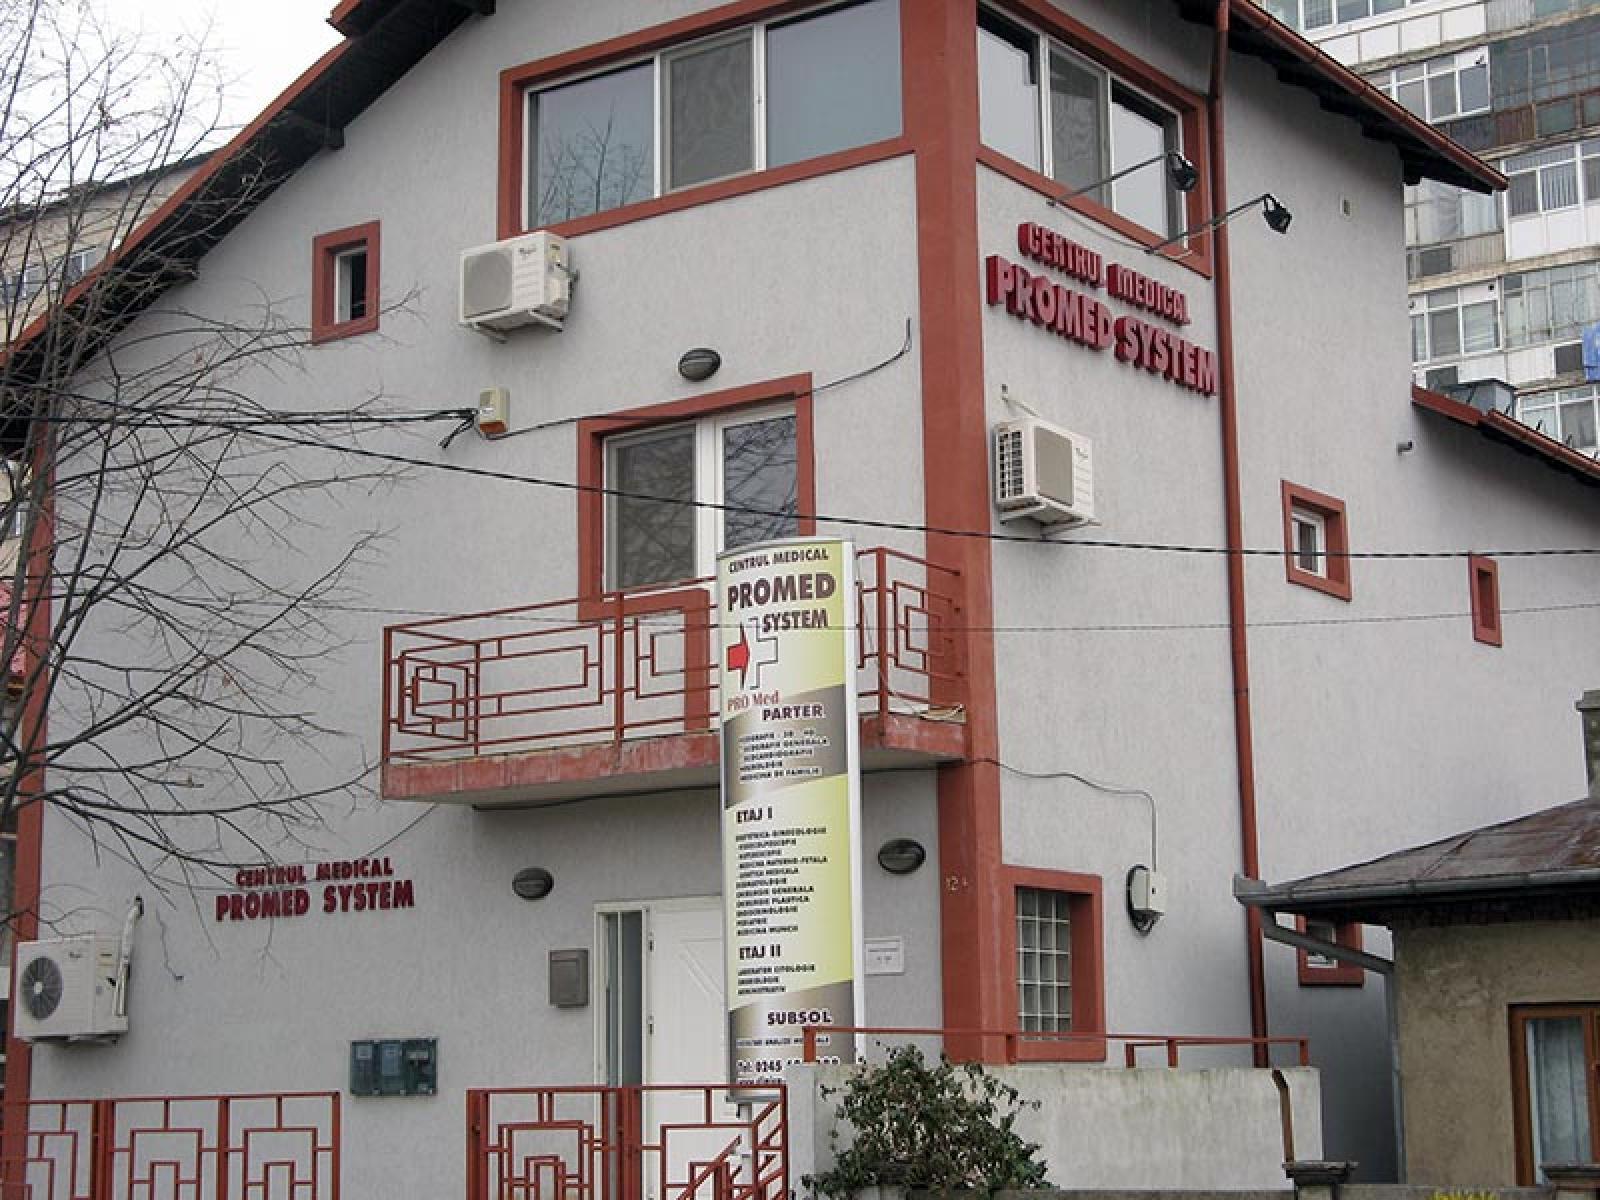 Centrul Medical Promed System Targoviste - 32_IMG_0434.jpg